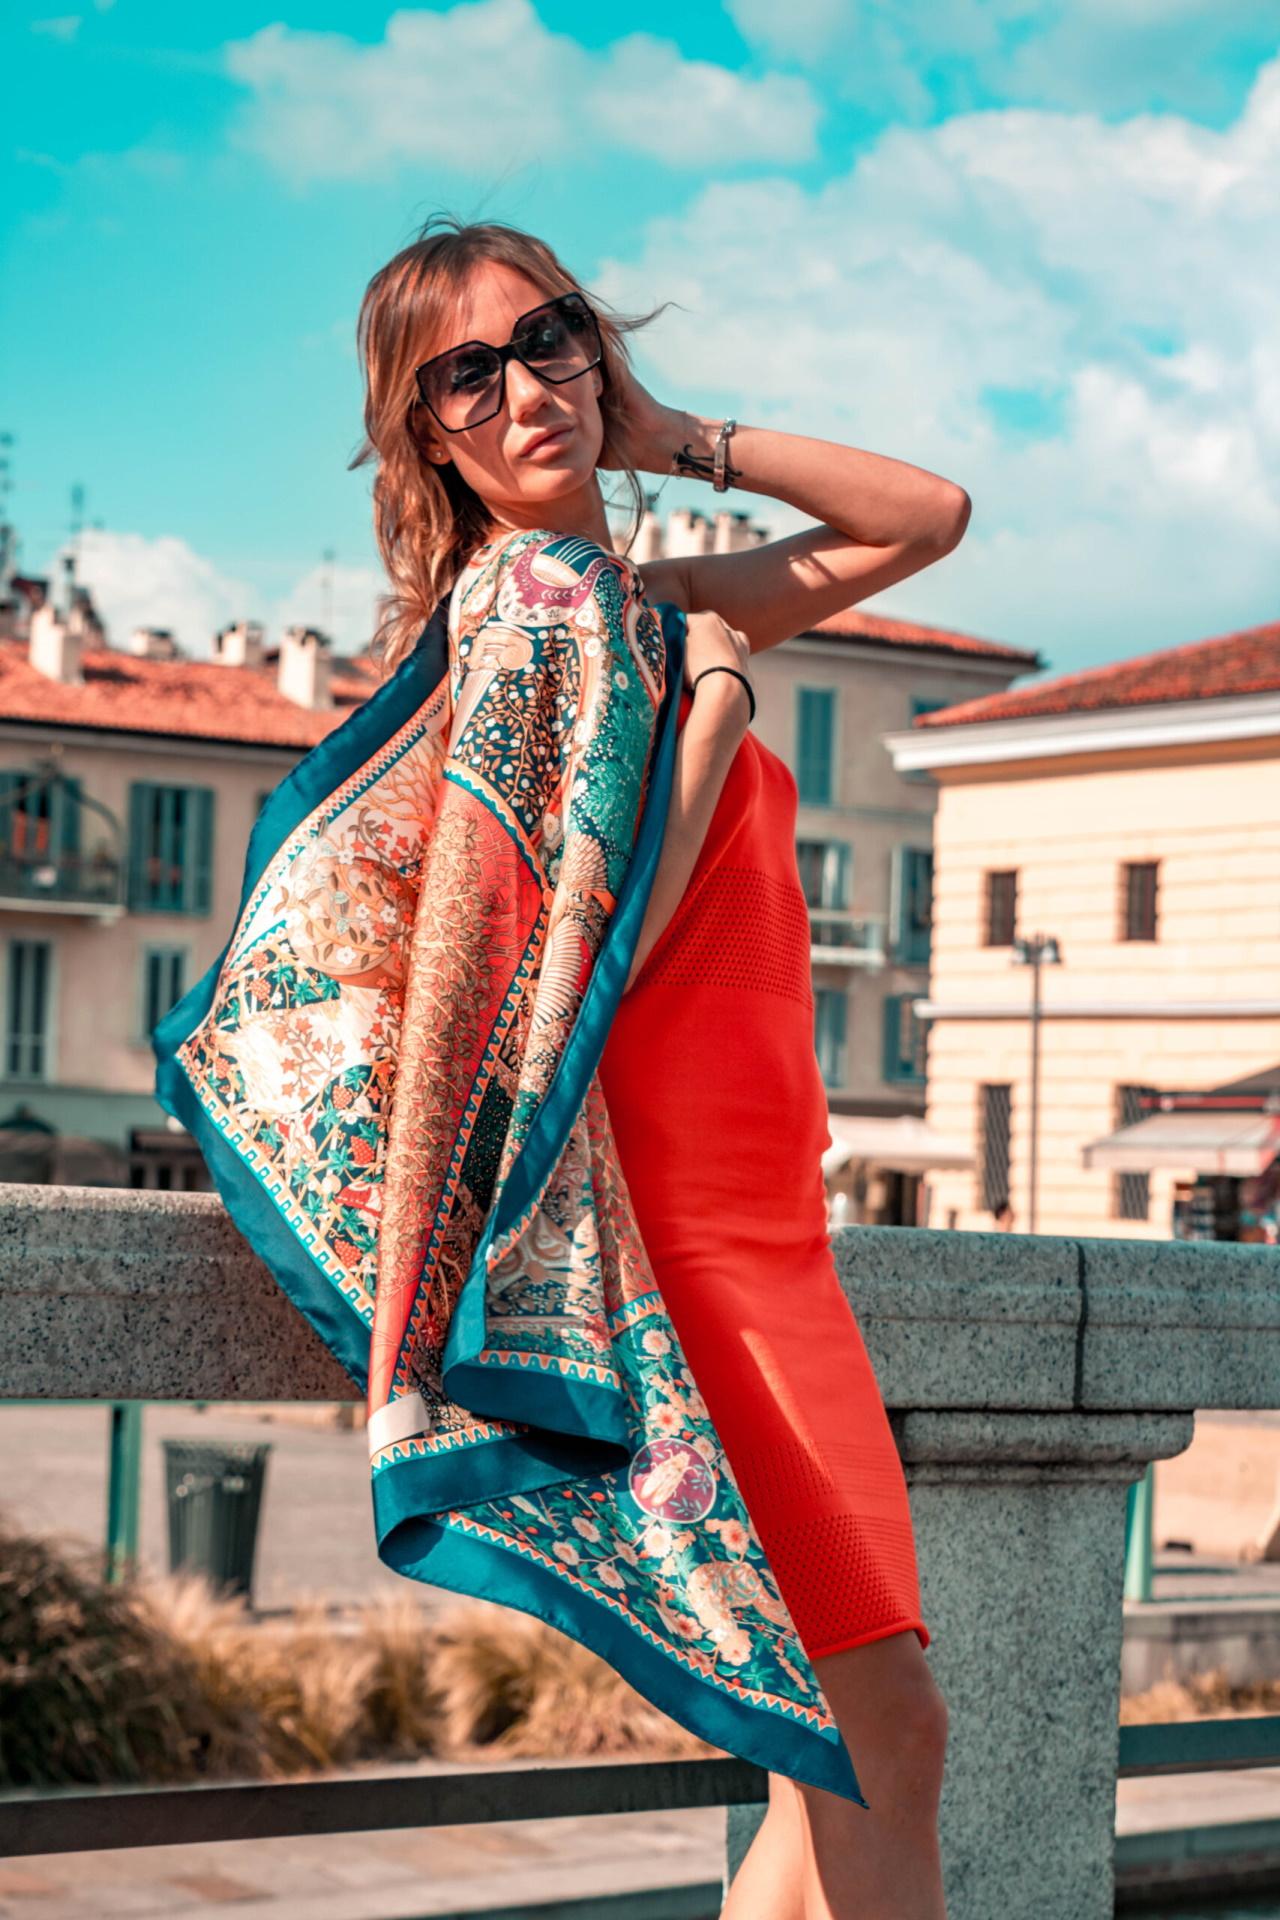 FOULARD F FOULARD SCIARPA DONNA 100 SETA 90CMX90CM 2 1stAmerican foulard/sciarpa 100% seta da donna 90cmx90cm